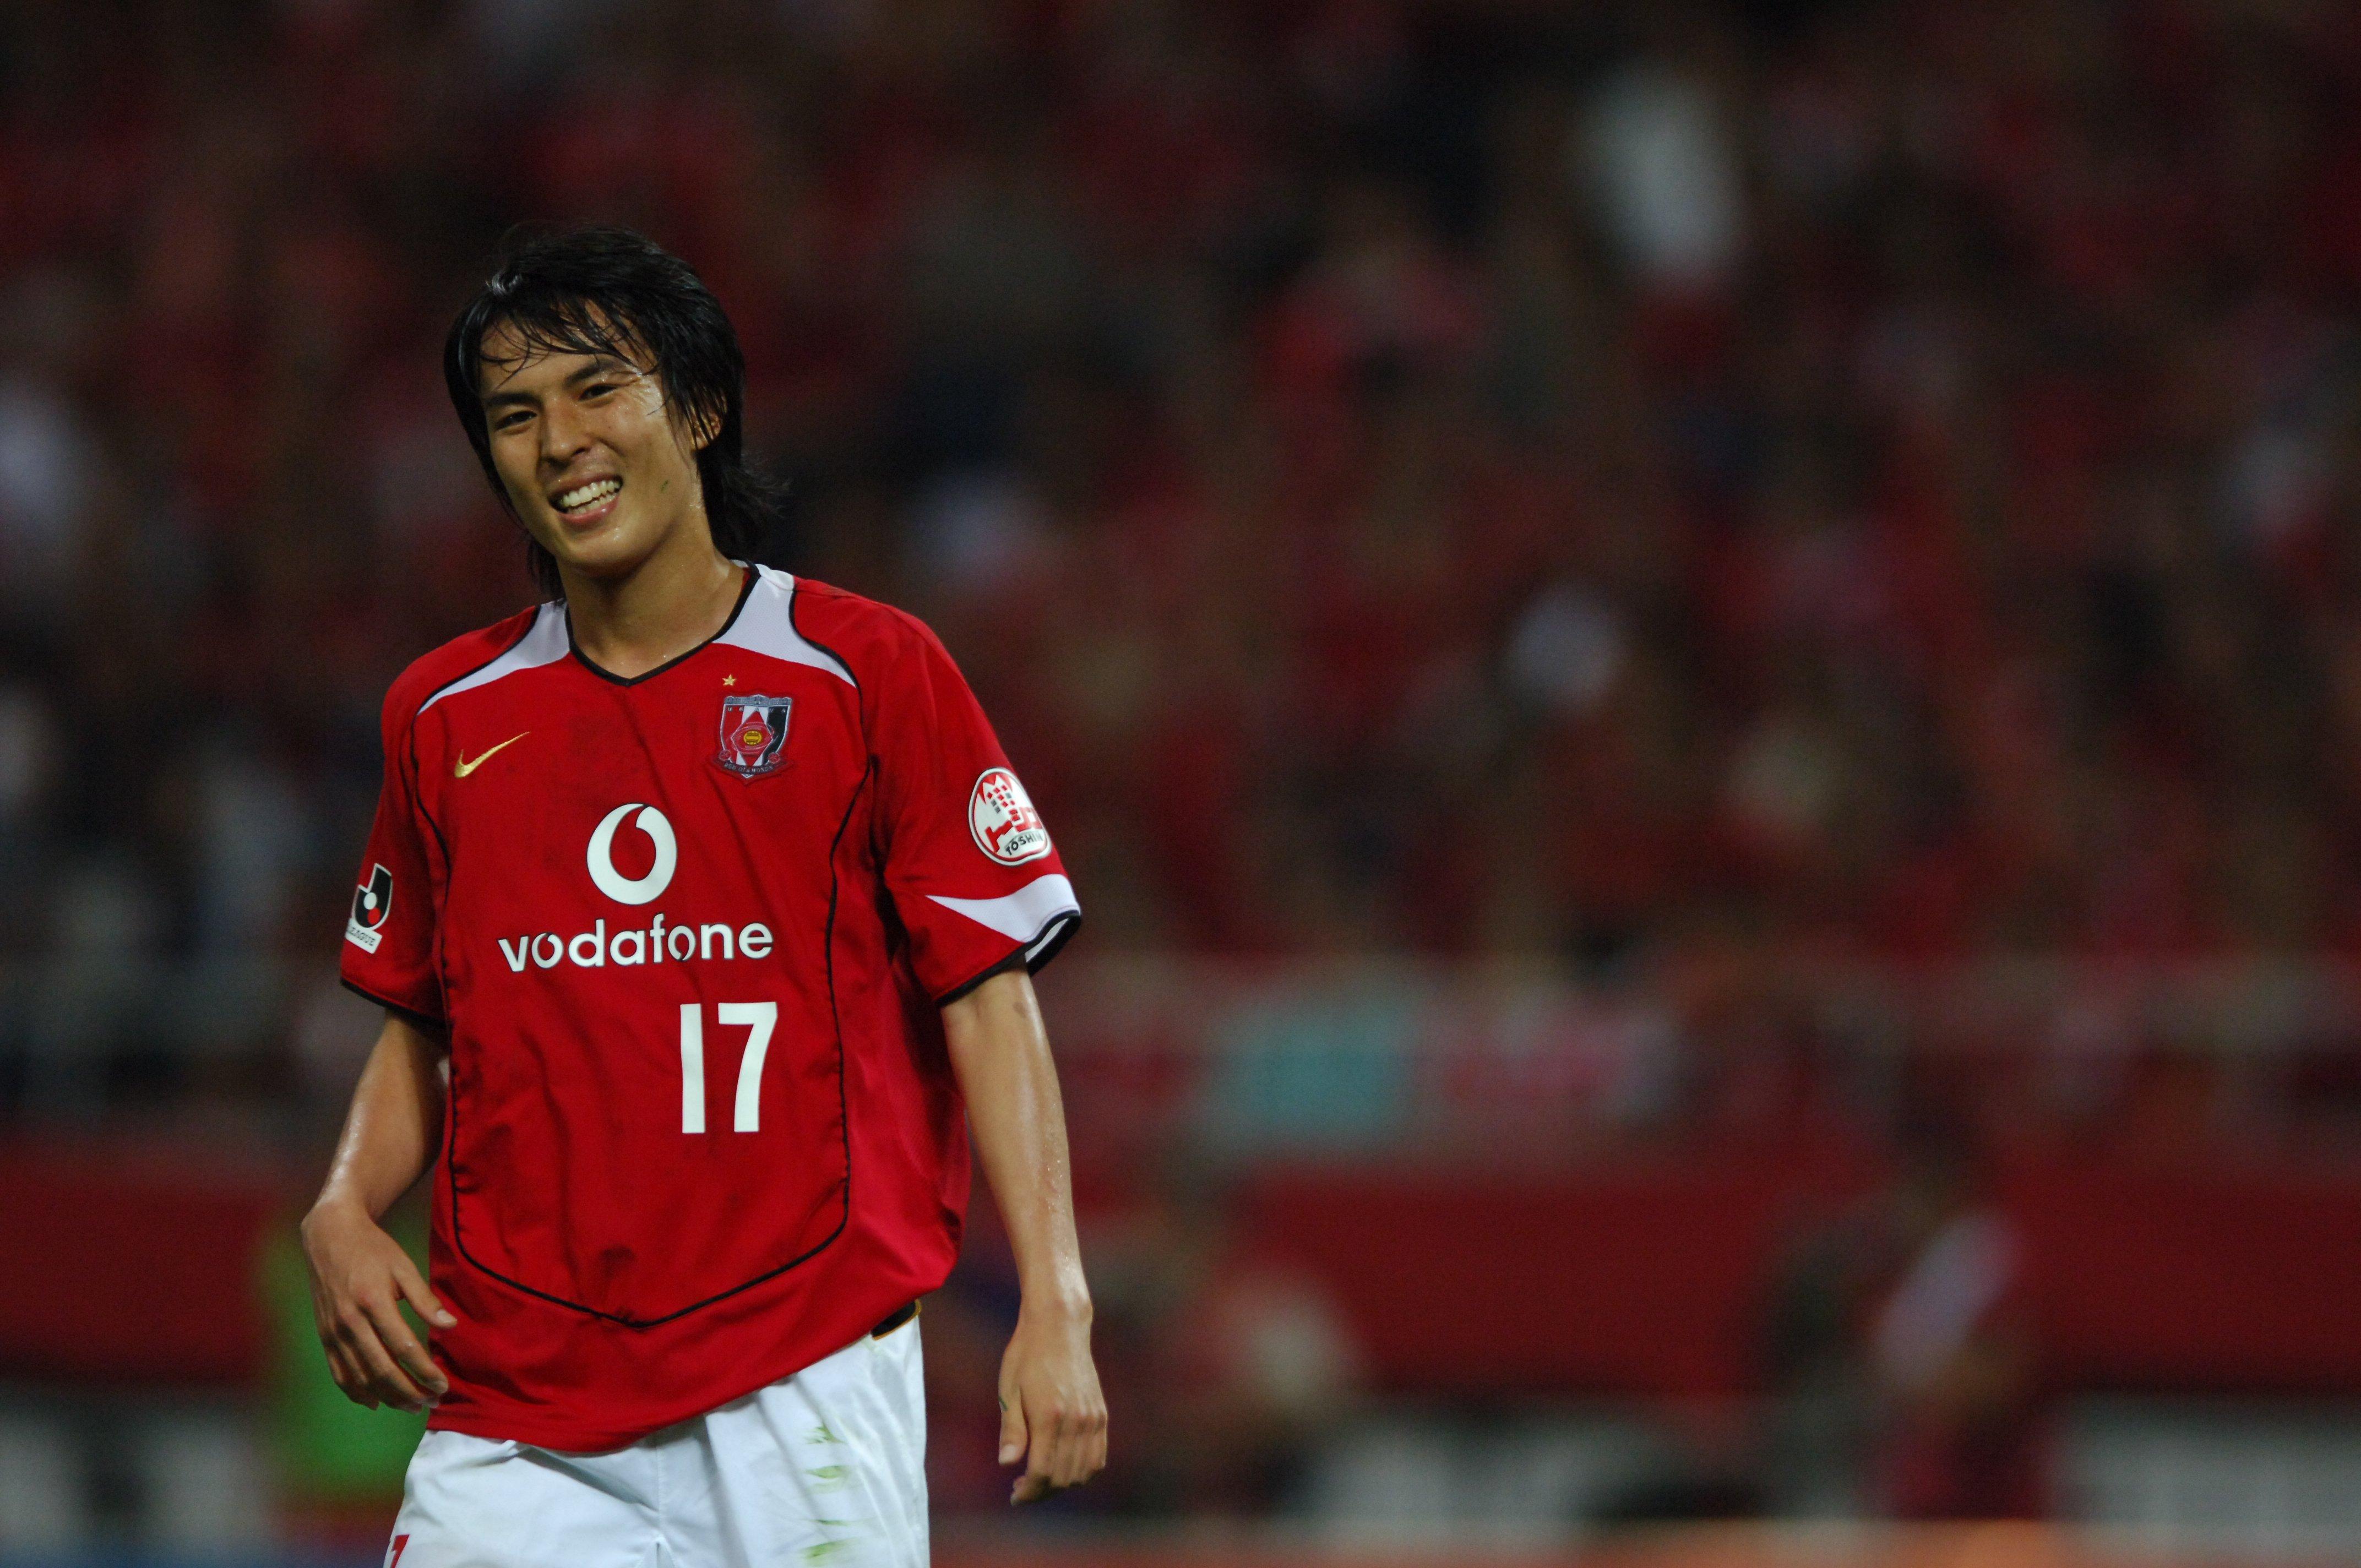 高校卒業後、2002年〜07年まで浦和レッズでプレーした長谷部誠(写真は05年のJリーグで) ©BUNGEISHUNJU